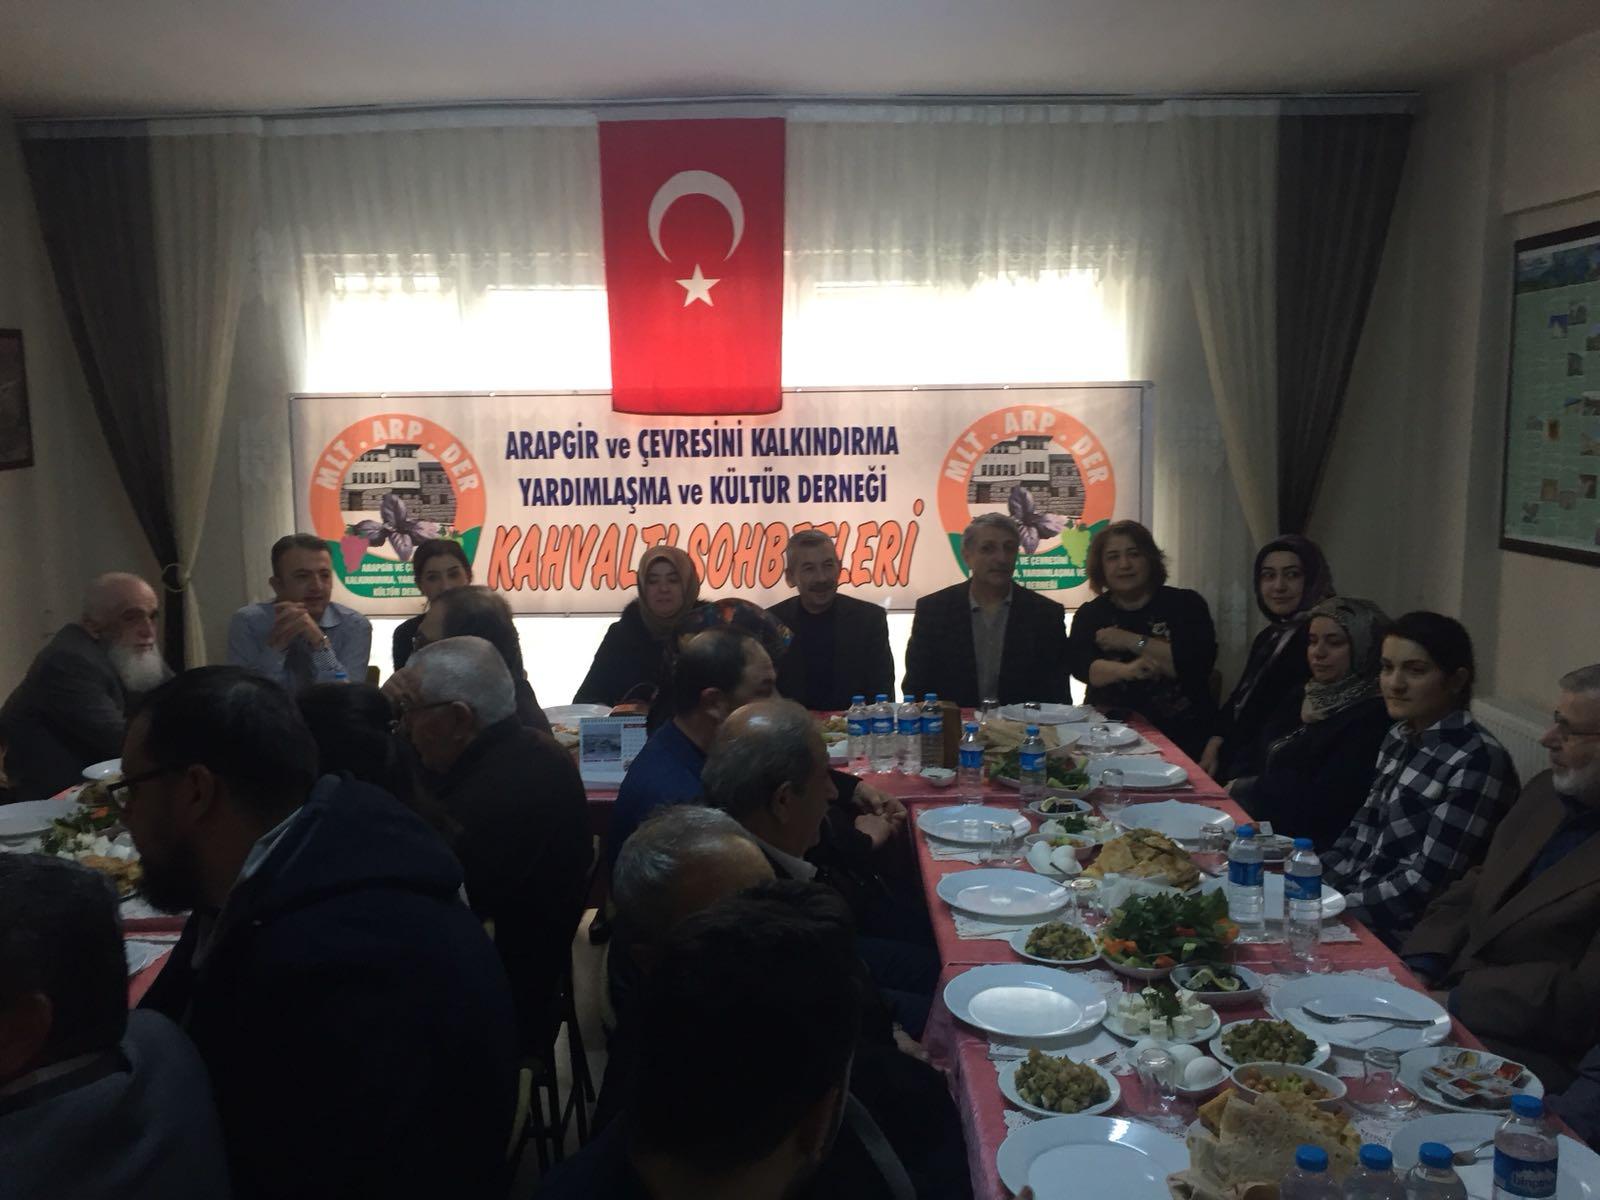 """MALATYA'DAKİ ARAPGİR DERNEĞİ'NDEN """"KAHVALTI SOHBETLERİ"""""""